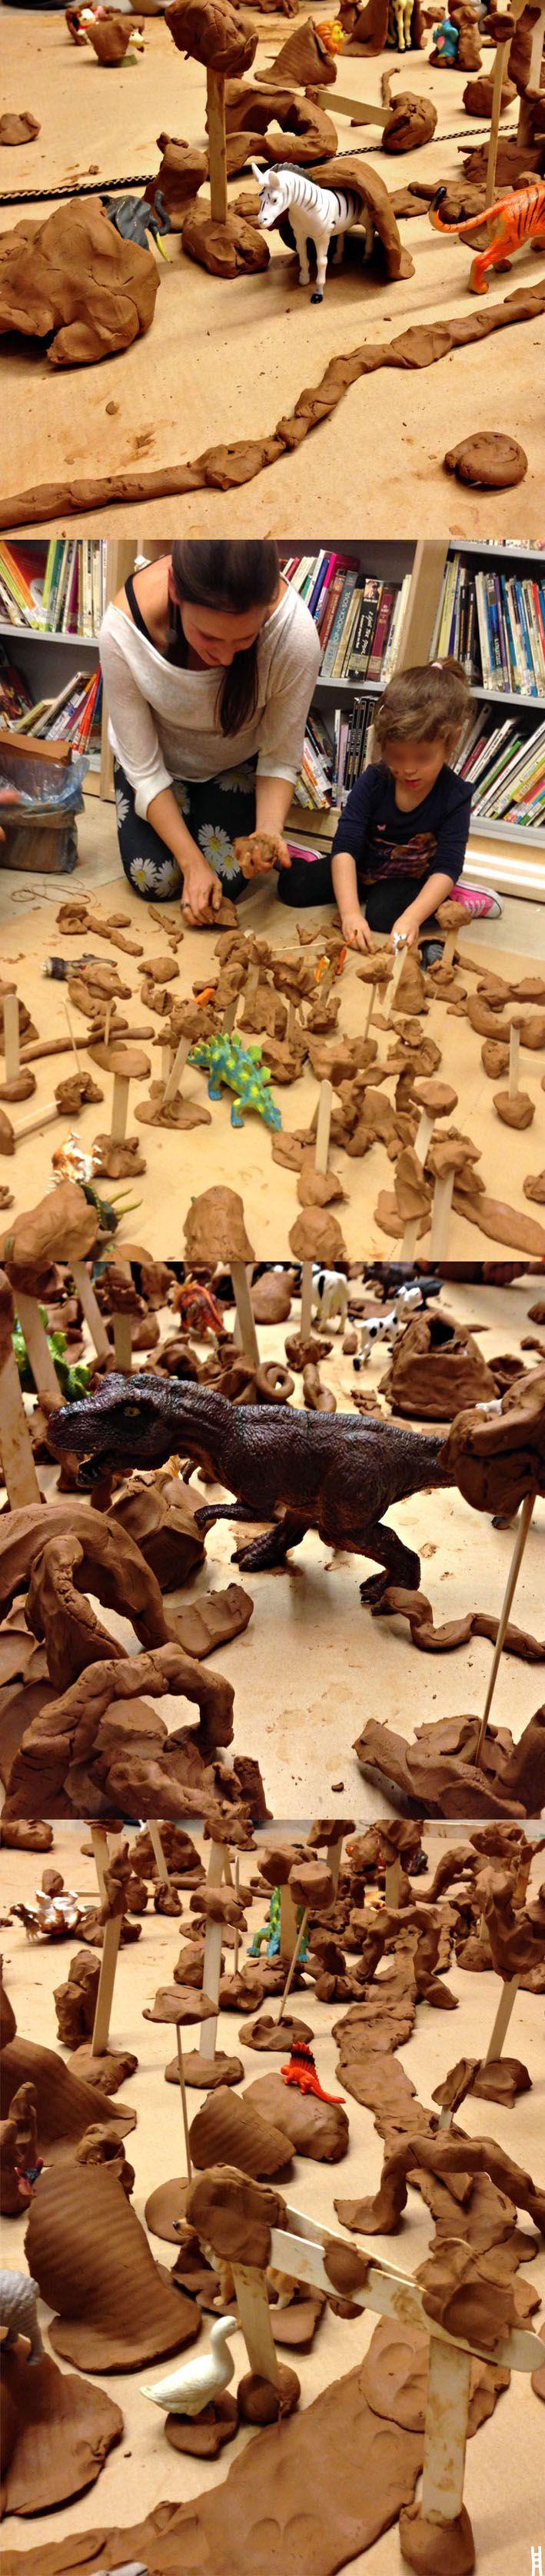 Ελεύθερο παιχνίδι με πηλό. Σήμερα παίξαμε με όλων των ειδών τα ζωάκια. Δημιουργήσαμε τα μέρη όπου ζουν, φτιάξαμε δέντρα, σπηλιές, γέφυρες, λιμνούλες. Αφηγηθήκαμε τις δικές μας... ιστορίες. Με τη Δώρα Οικονομίδου στη Δανιηλίδειο Παιδική Βιβλιοθήκη.  27.10.2014 / THESSALONIKI / GREECE / CLAY AND ANIMALS